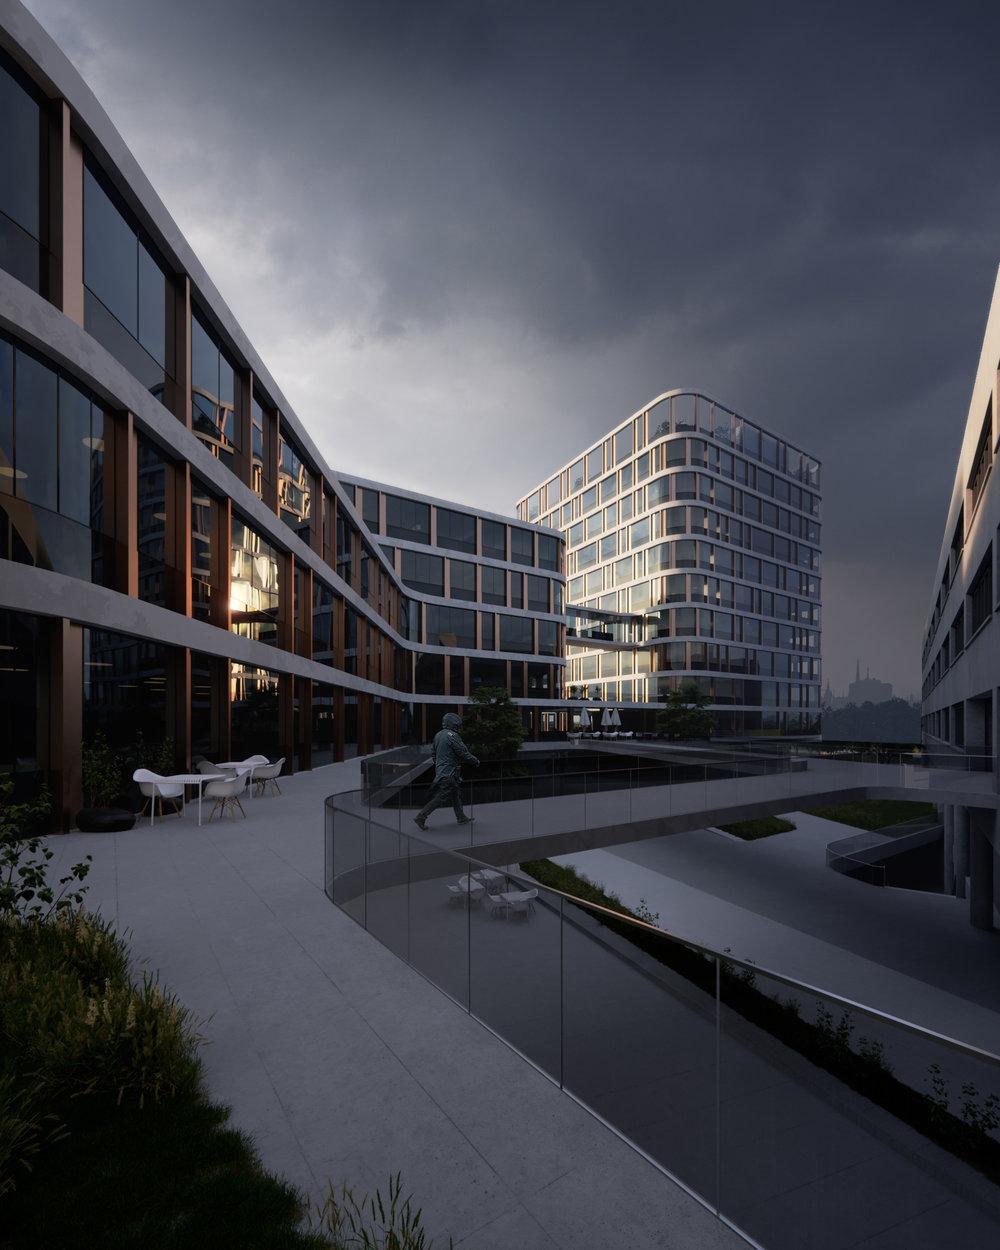 - golden -  Architekten Kneidinger & Klinglmüller Architekten- Linz, Austria